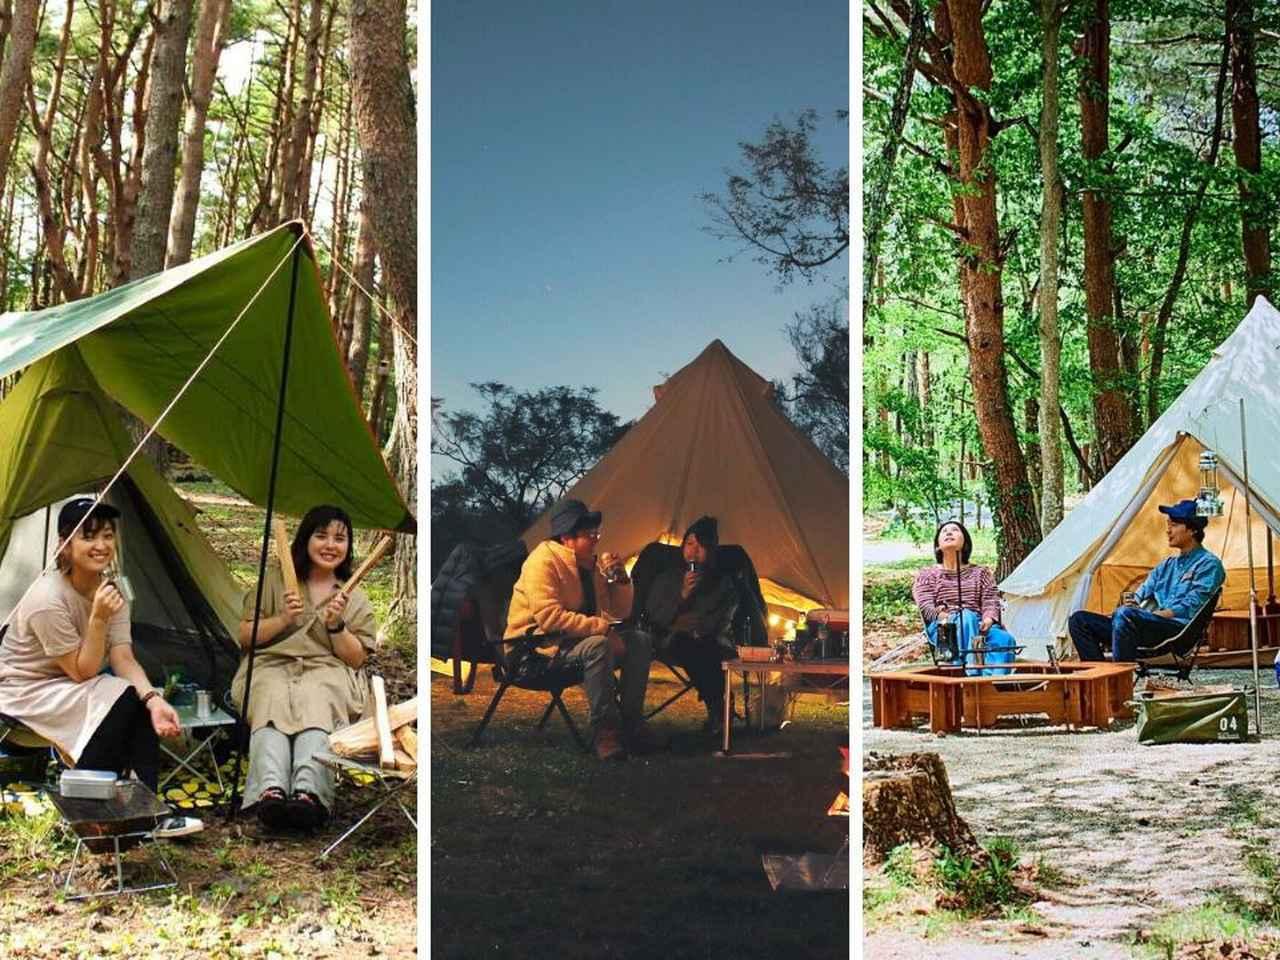 画像: 【編集部のキャンプスタイル】夫婦や友達と2人キャンプする3組をご紹介 - ハピキャン(HAPPY CAMPER)